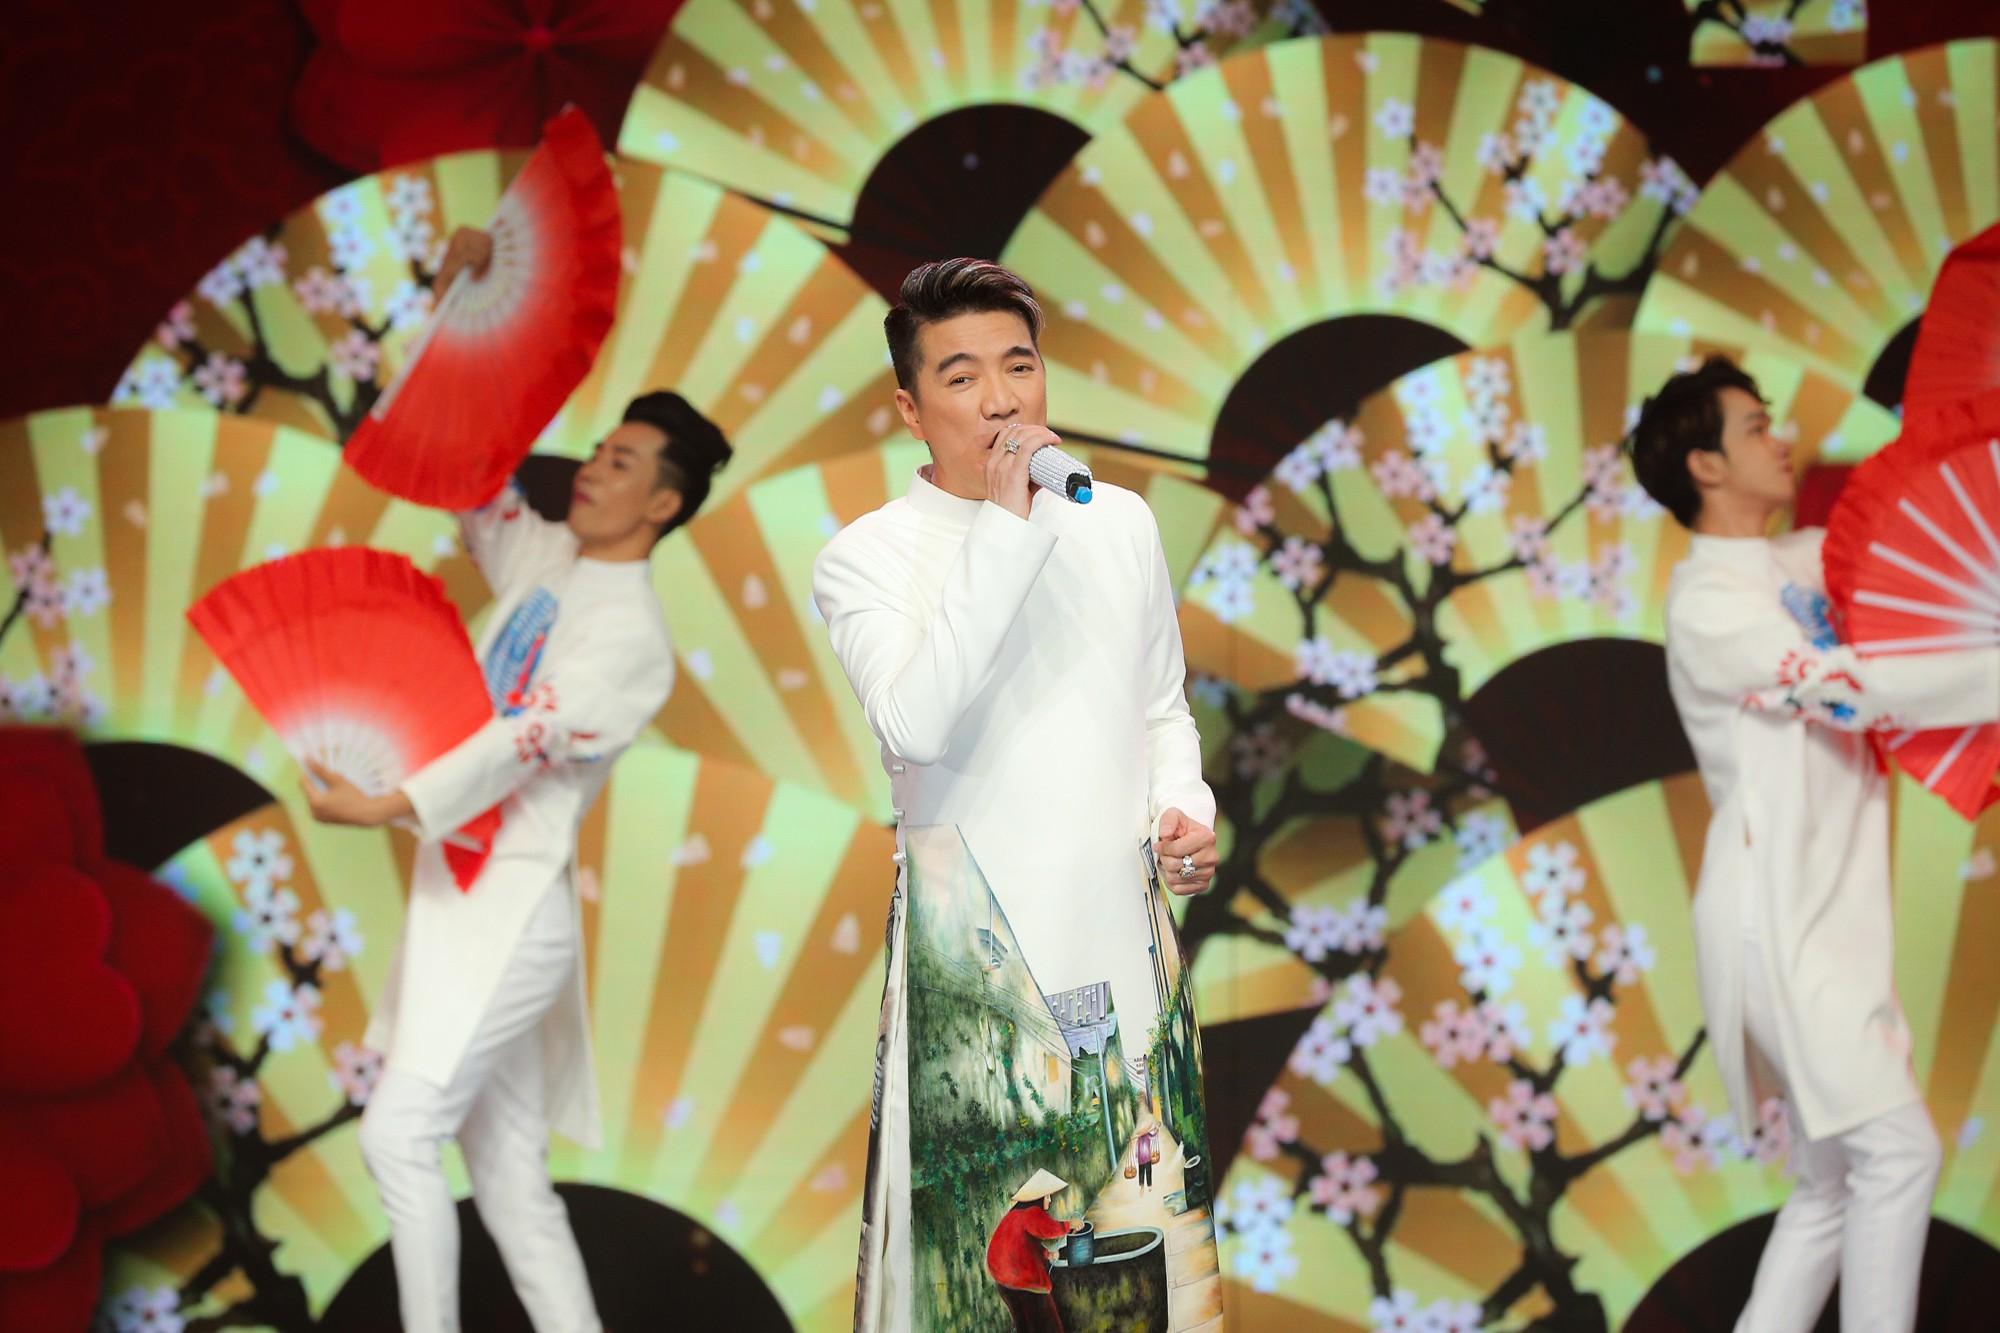 Hồ Ngọc Hà, Noo Phước Thịnh cùng hơn 30 nghệ sĩ Vpop đồng loạt quy tụ trong chương trình nhạc Xuân rộn ràng - Ảnh 2.